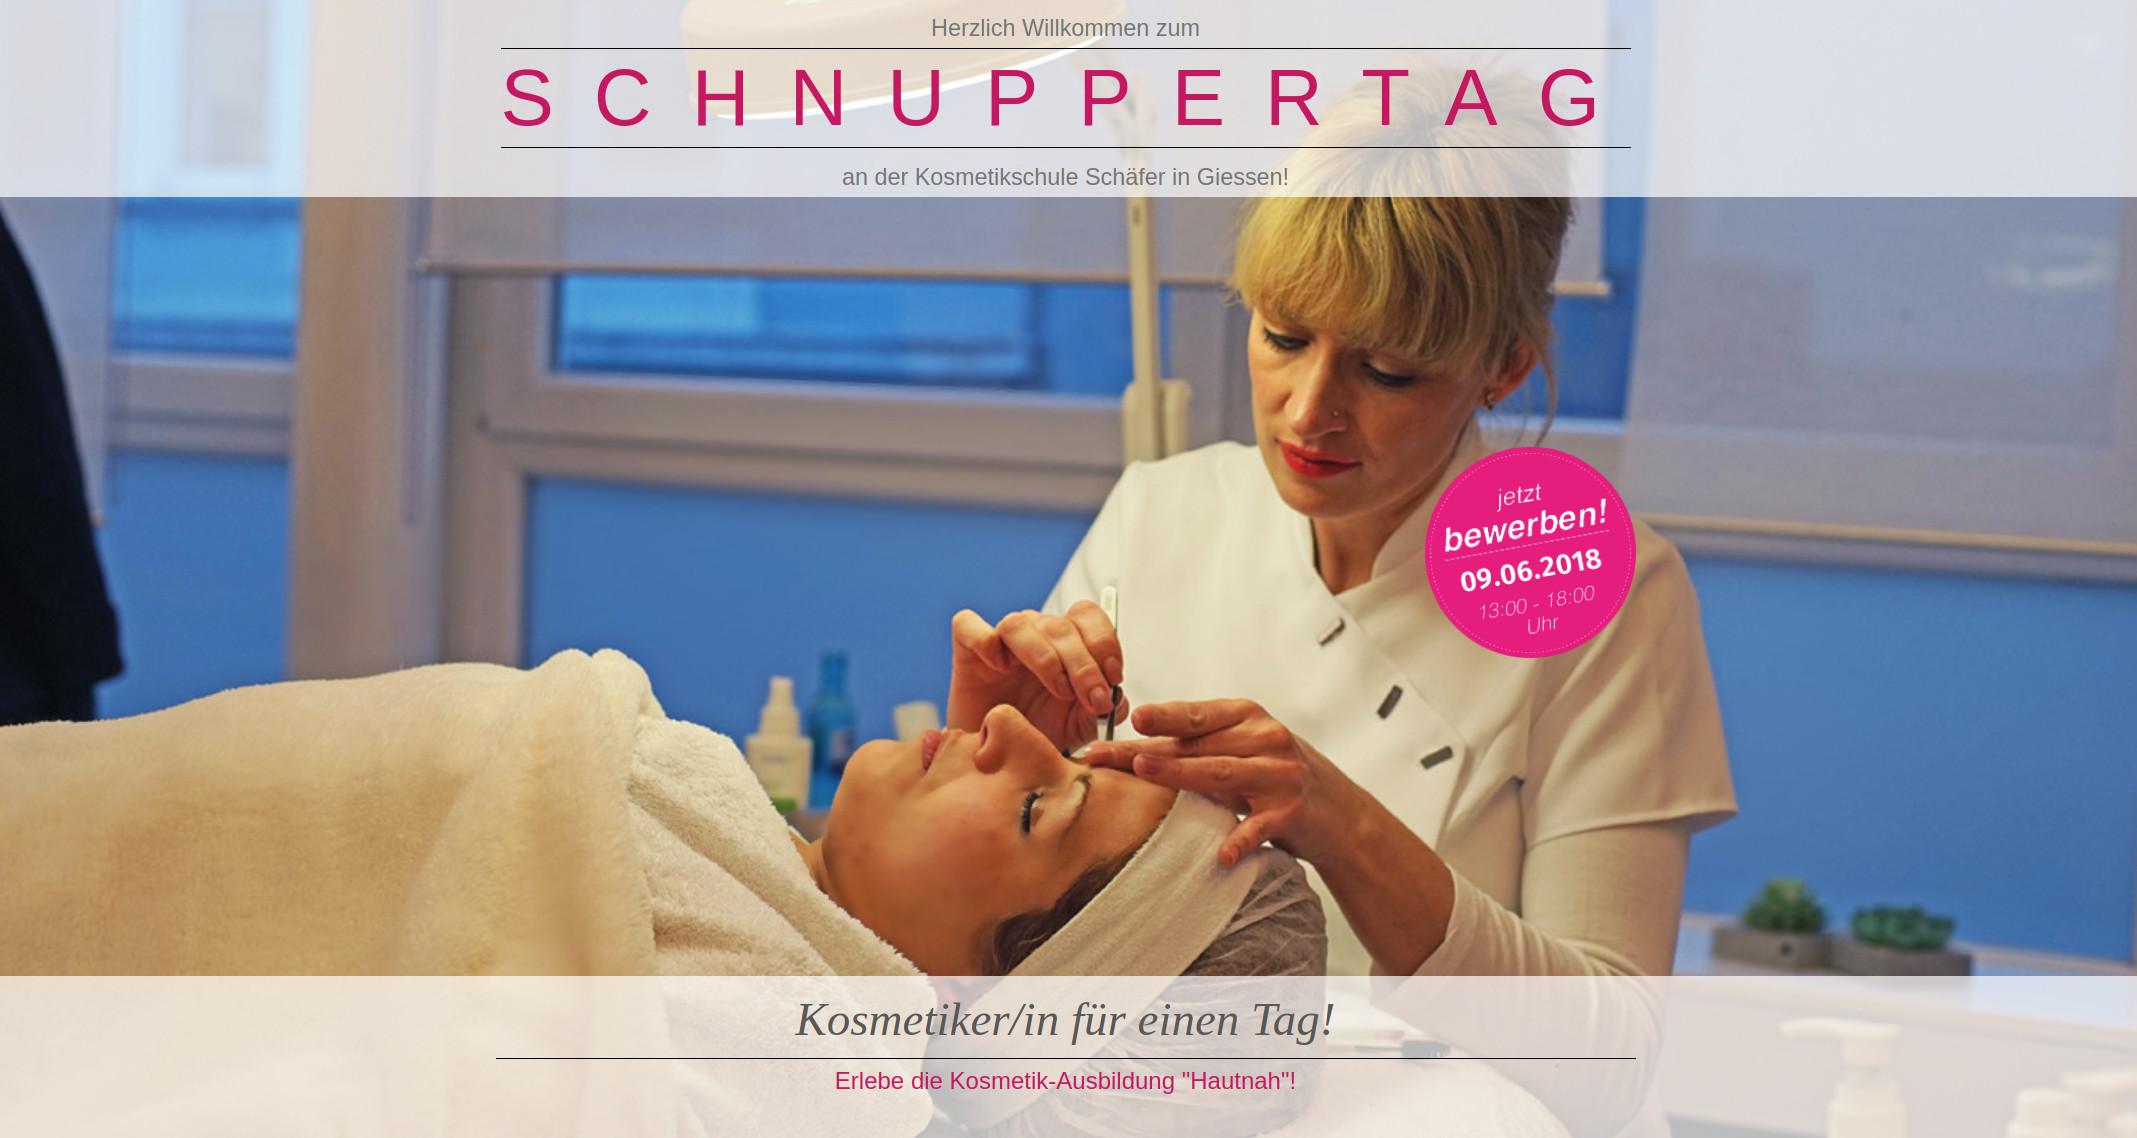 schnuppertag - Kosmetikschule Schäget - Gießen Kopie